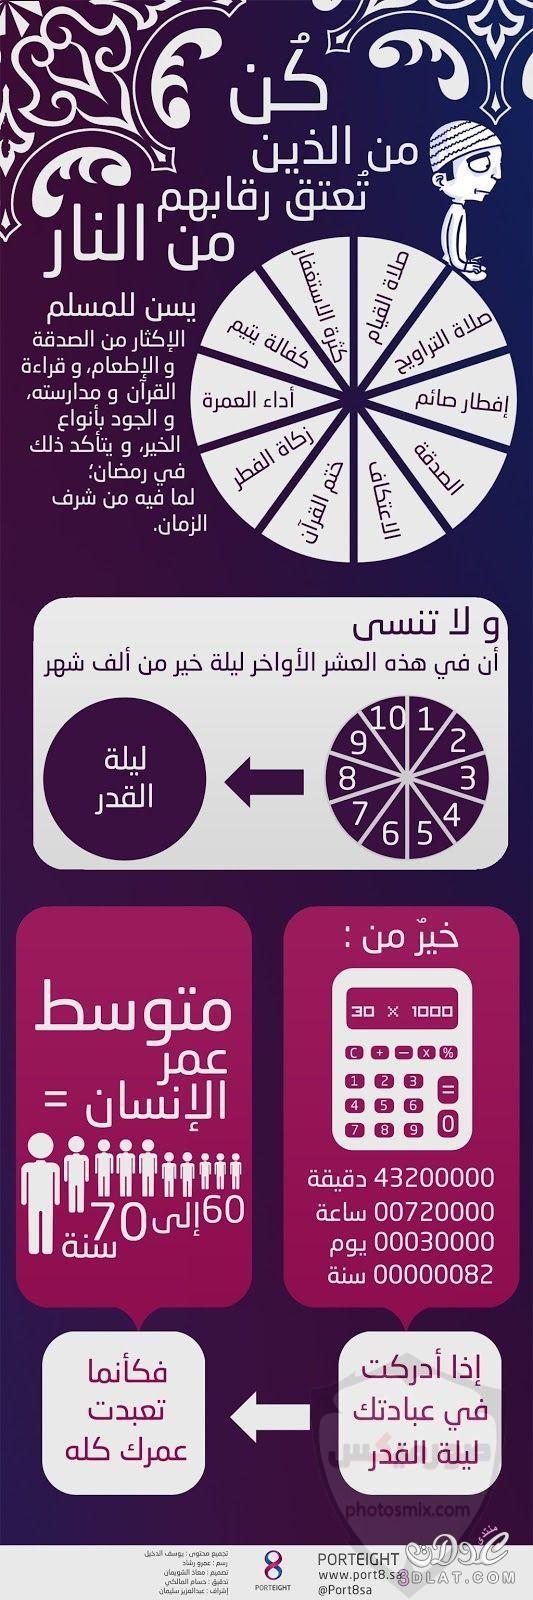 دعاء رمضان 2020 الادعية الرمضان فى 2020 5